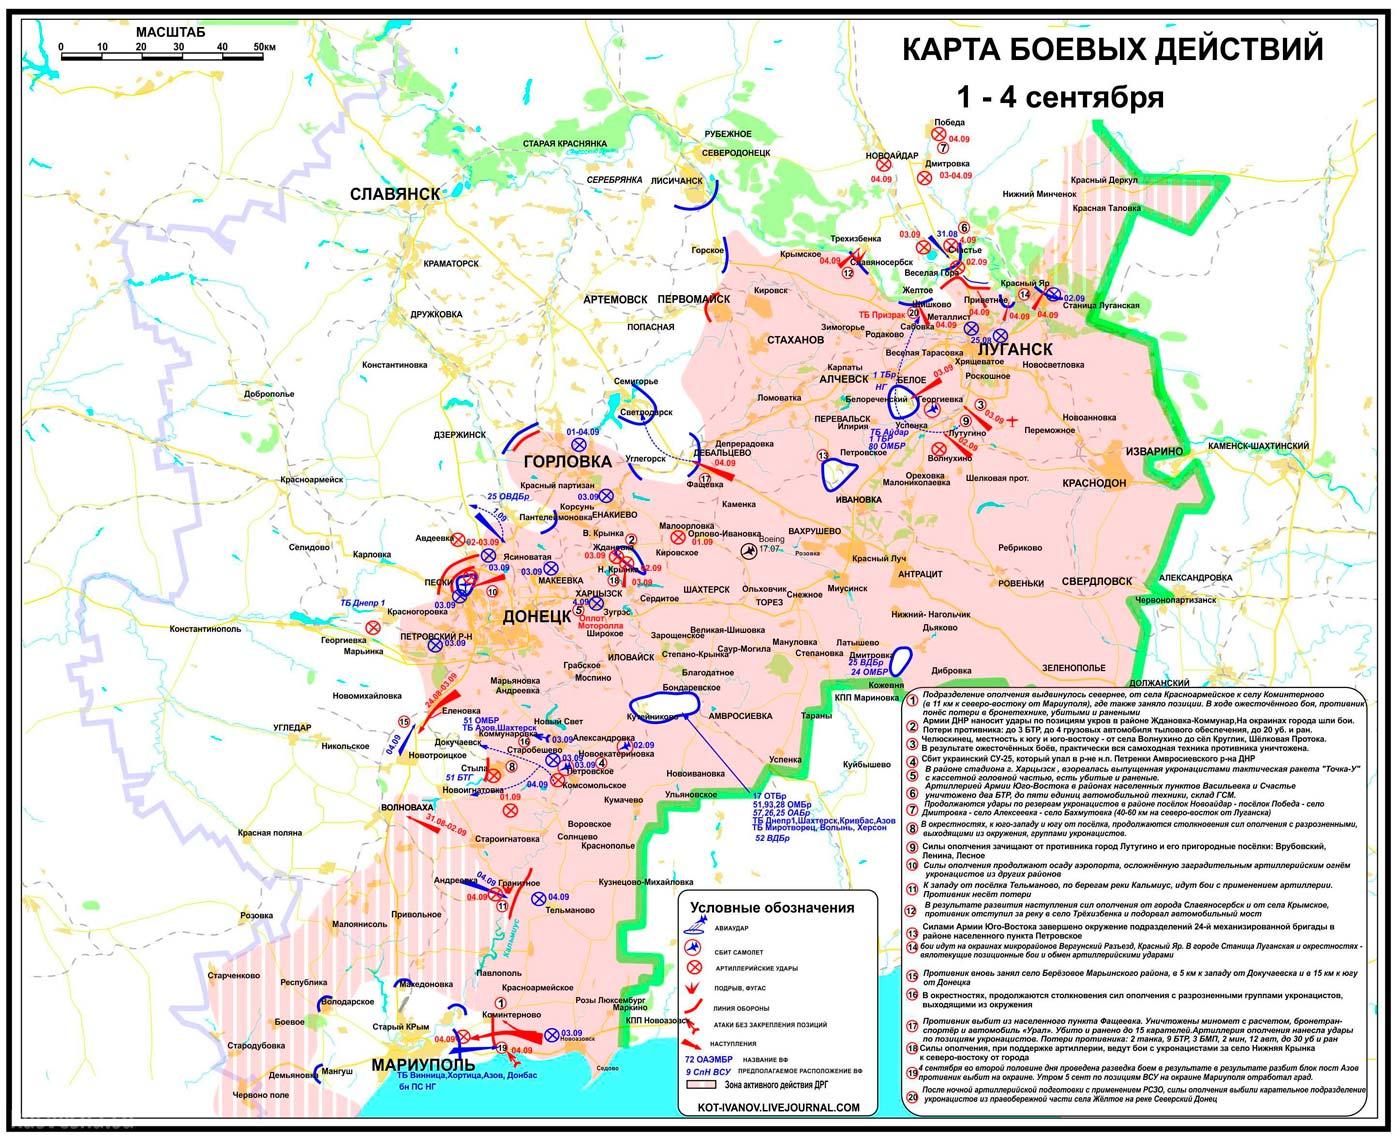 Карта боевых действий за 5 сентября